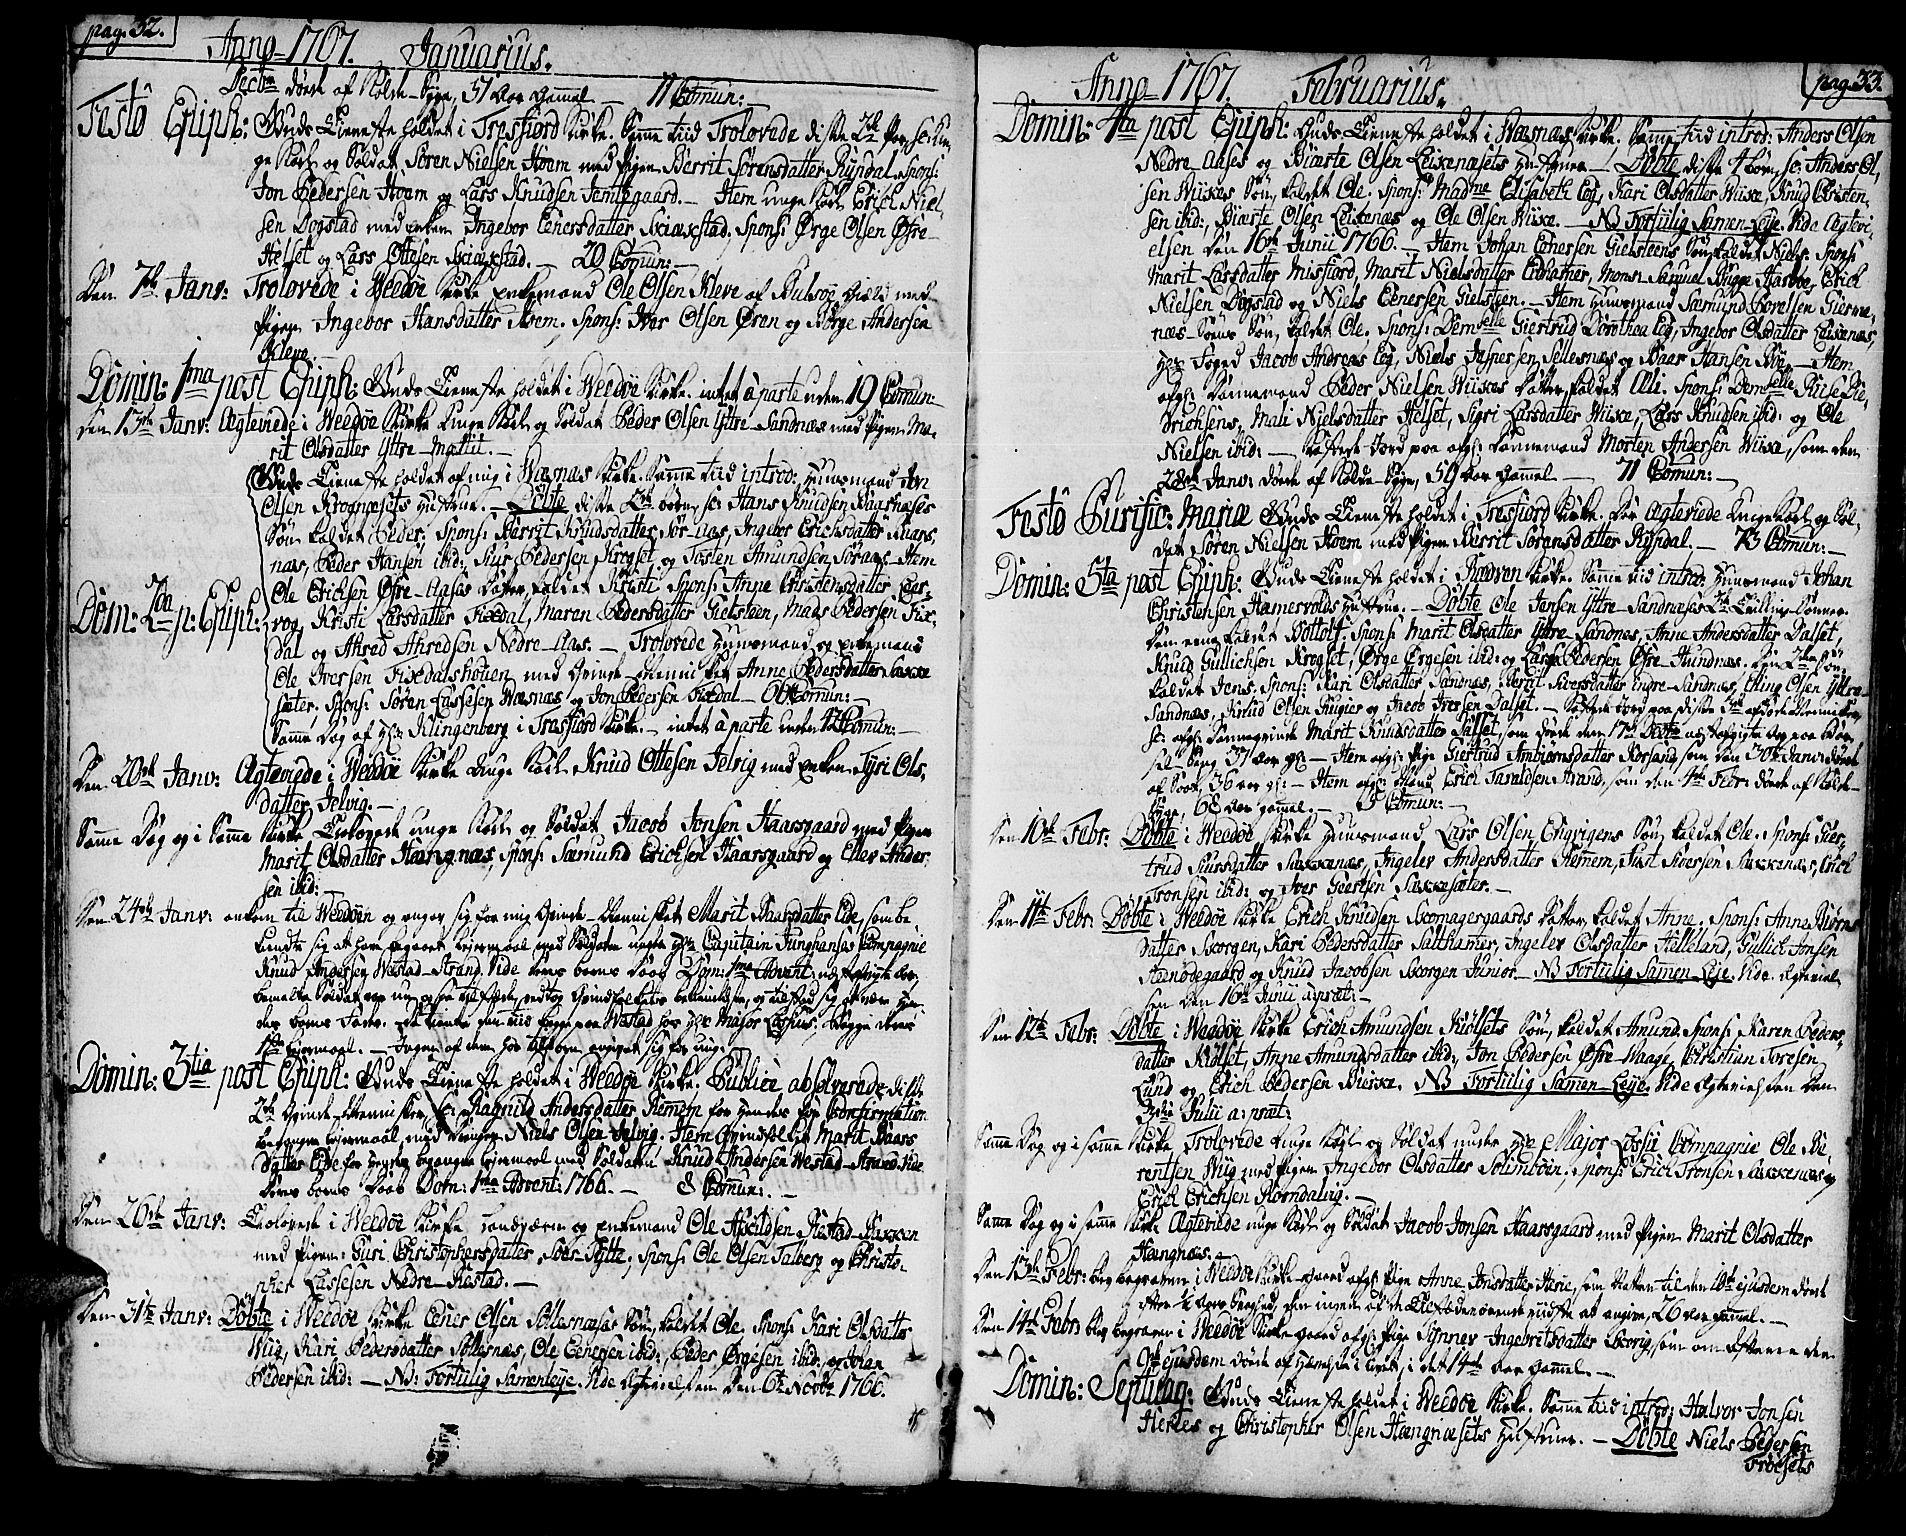 SAT, Ministerialprotokoller, klokkerbøker og fødselsregistre - Møre og Romsdal, 547/L0600: Parish register (official) no. 547A02, 1765-1799, p. 32-33